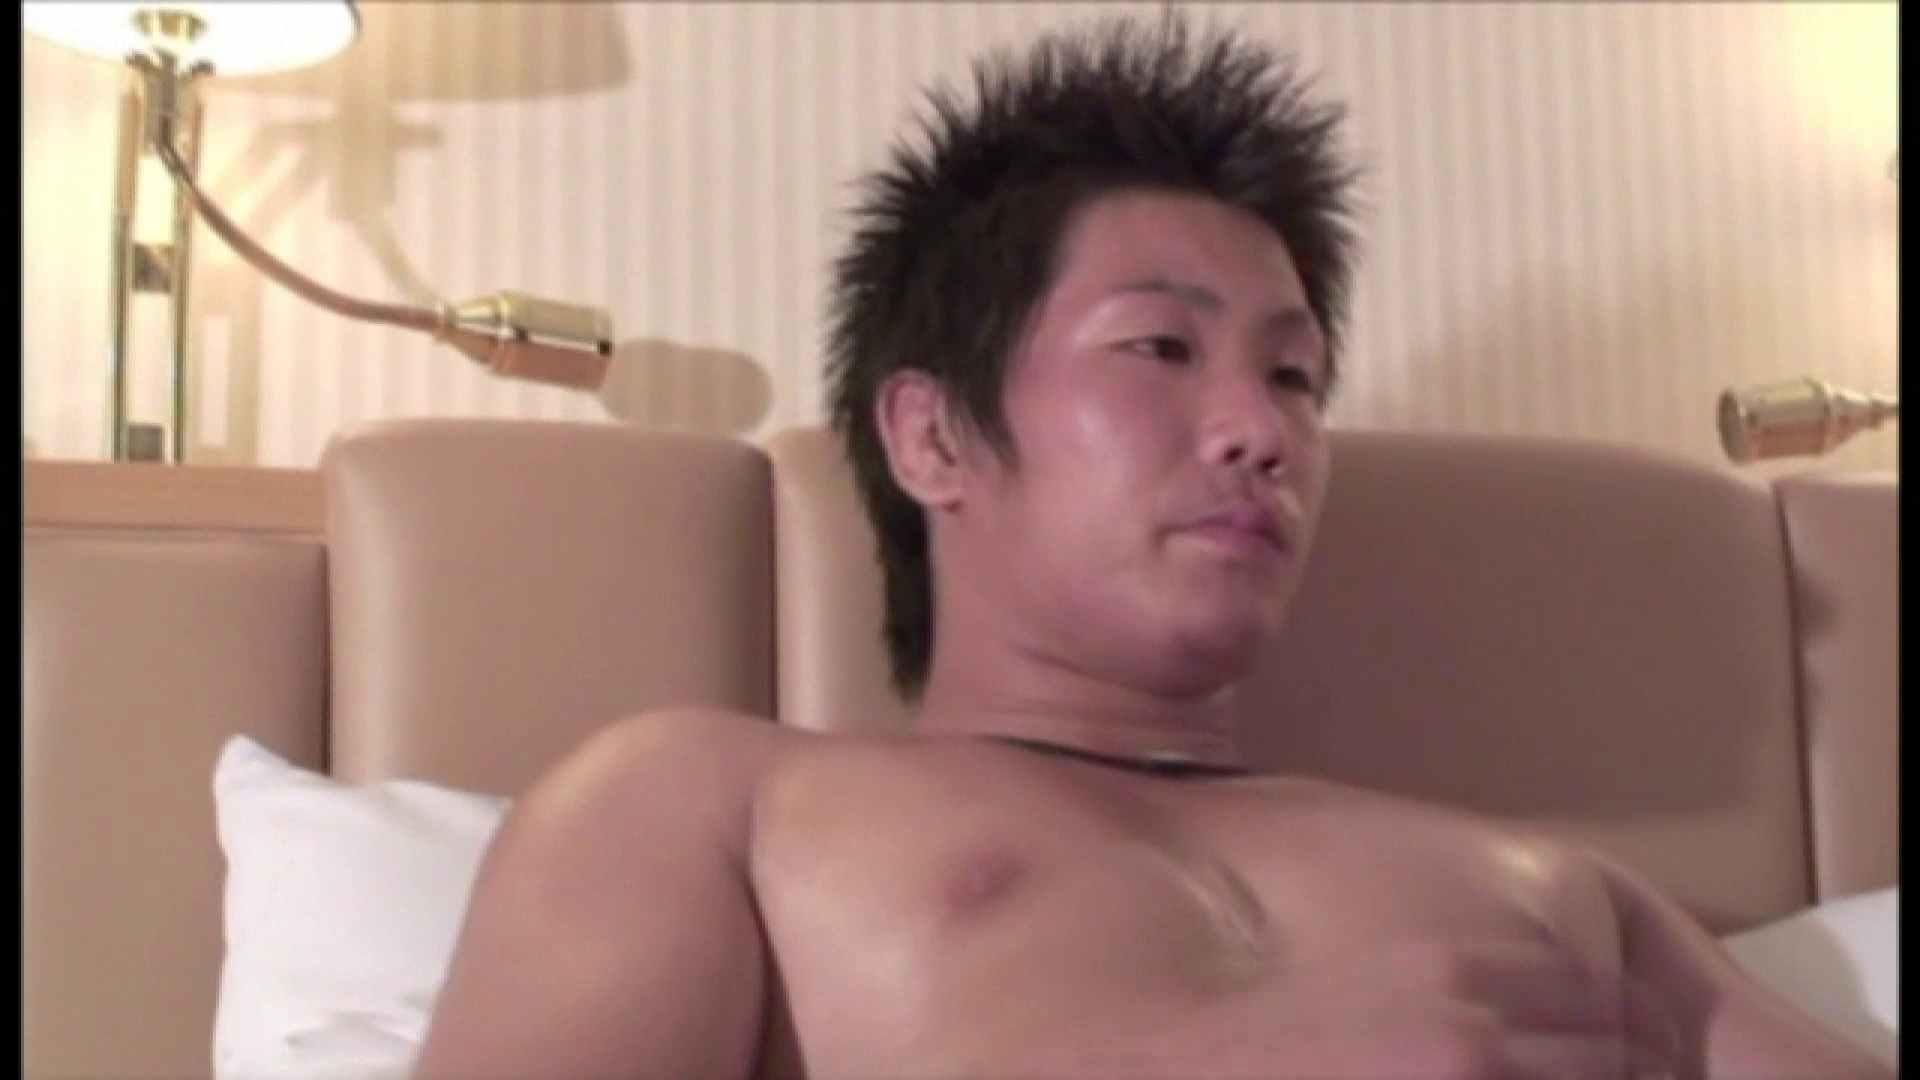 ノンケイケメンの欲望と肉棒 Vol.25 エロ  90pic 72